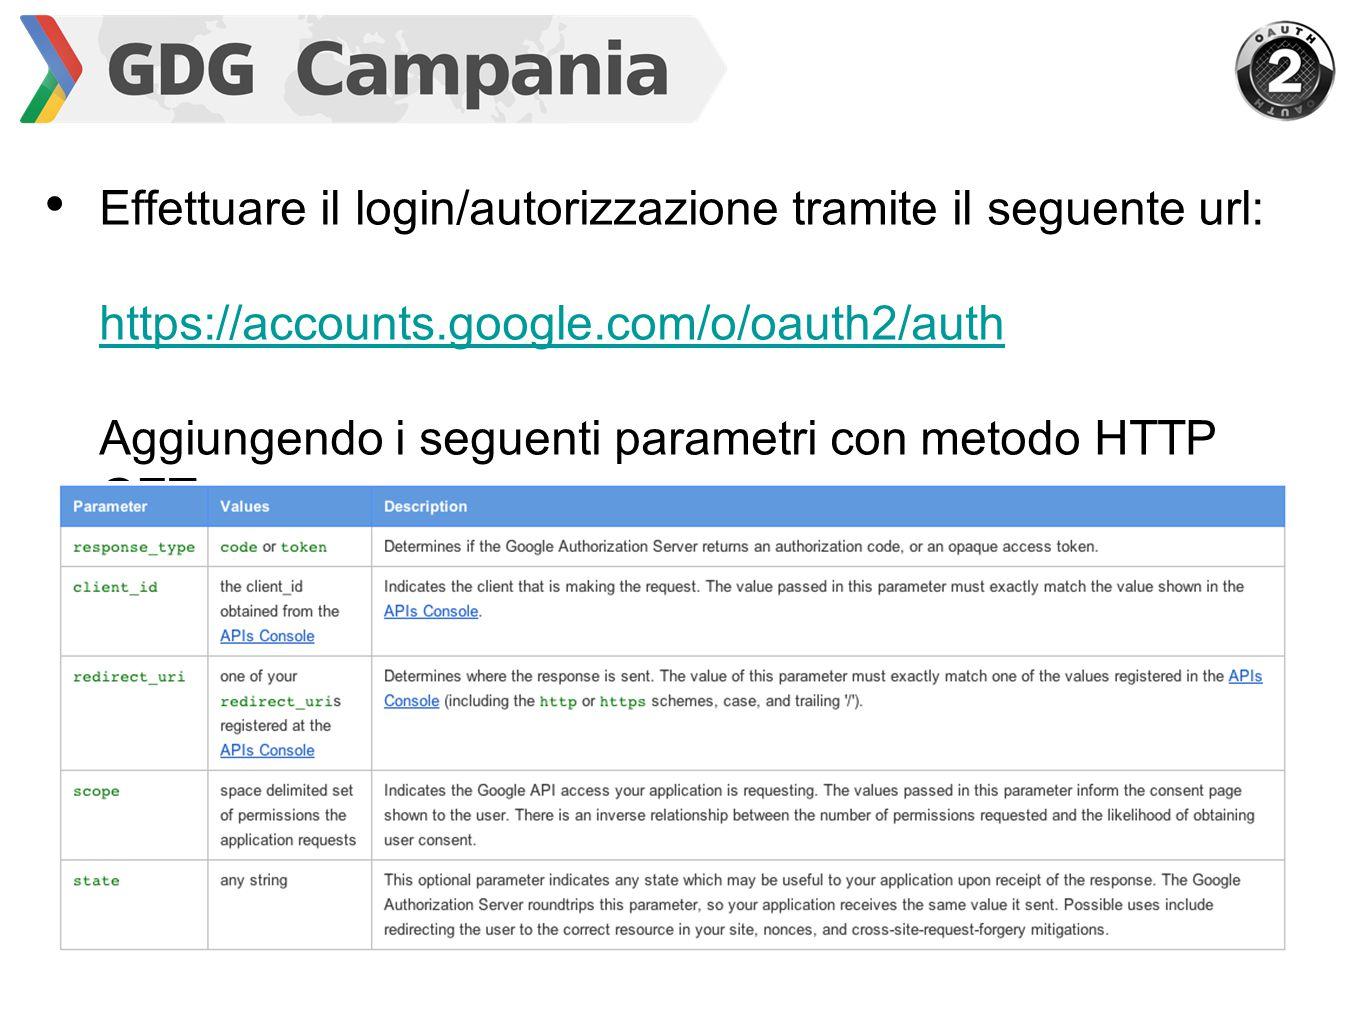 Effettuare il login/autorizzazione tramite il seguente url: https://accounts.google.com/o/oauth2/auth Aggiungendo i seguenti parametri con metodo HTTP